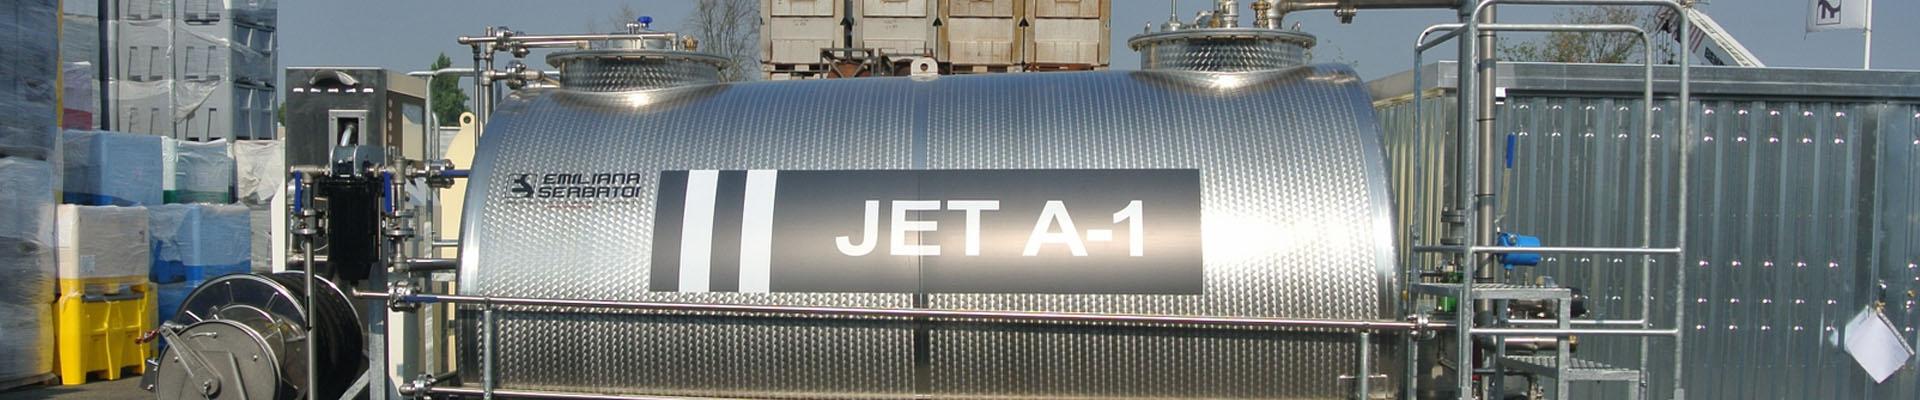 1920X400-SPECIALI3-JET1-4280.jpg